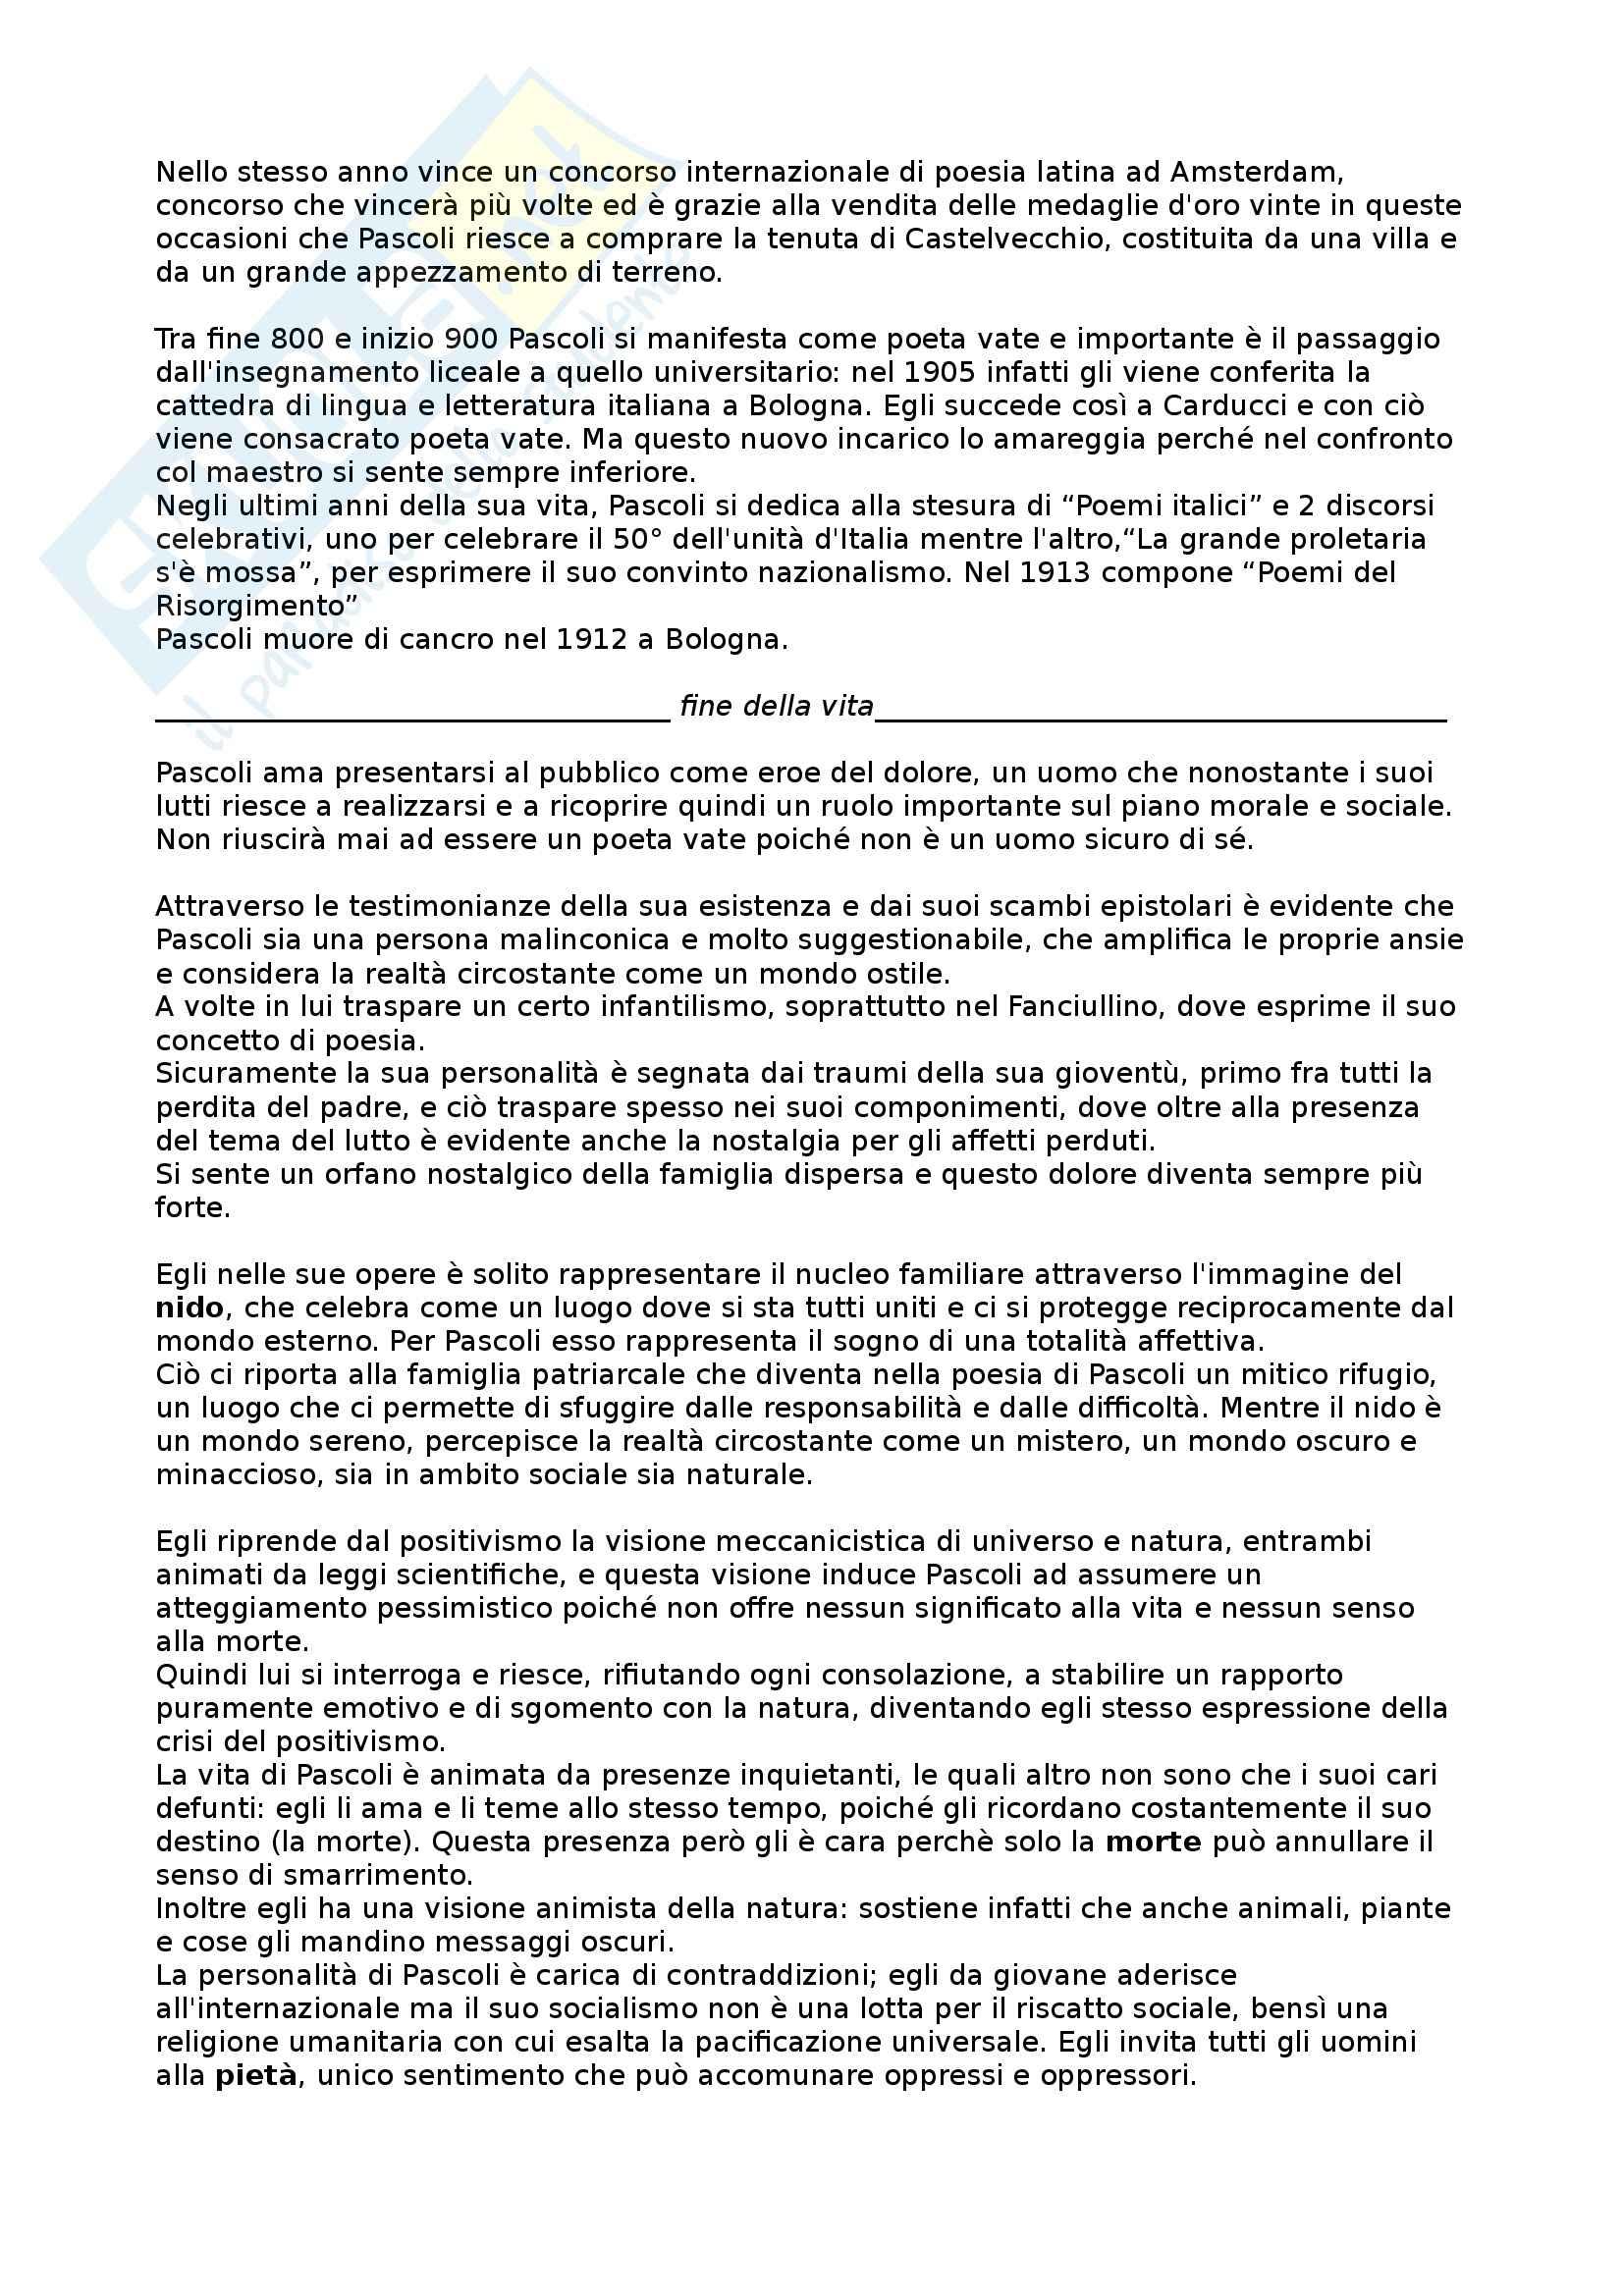 Giovanni Pascoli Vita - Pensiero - Opere analizzate - Appunti Pag. 2